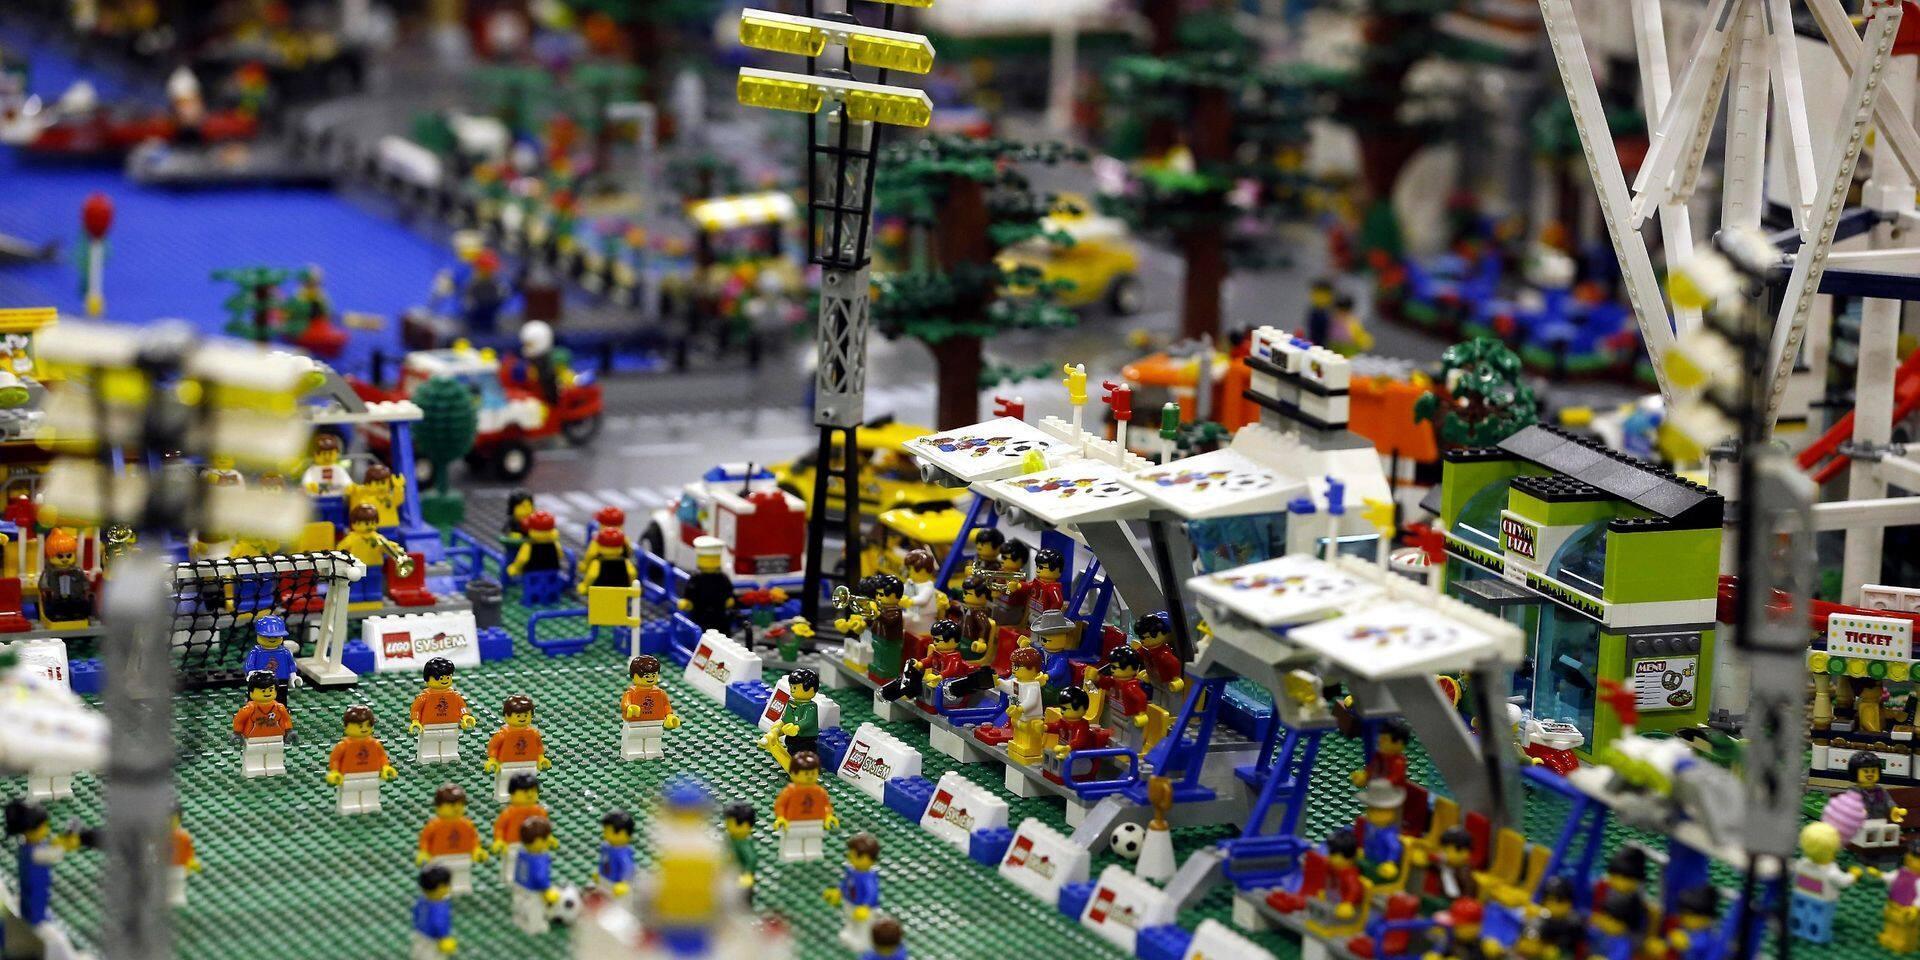 Lego suspend à son tour ses publicités sur les réseaux sociaux